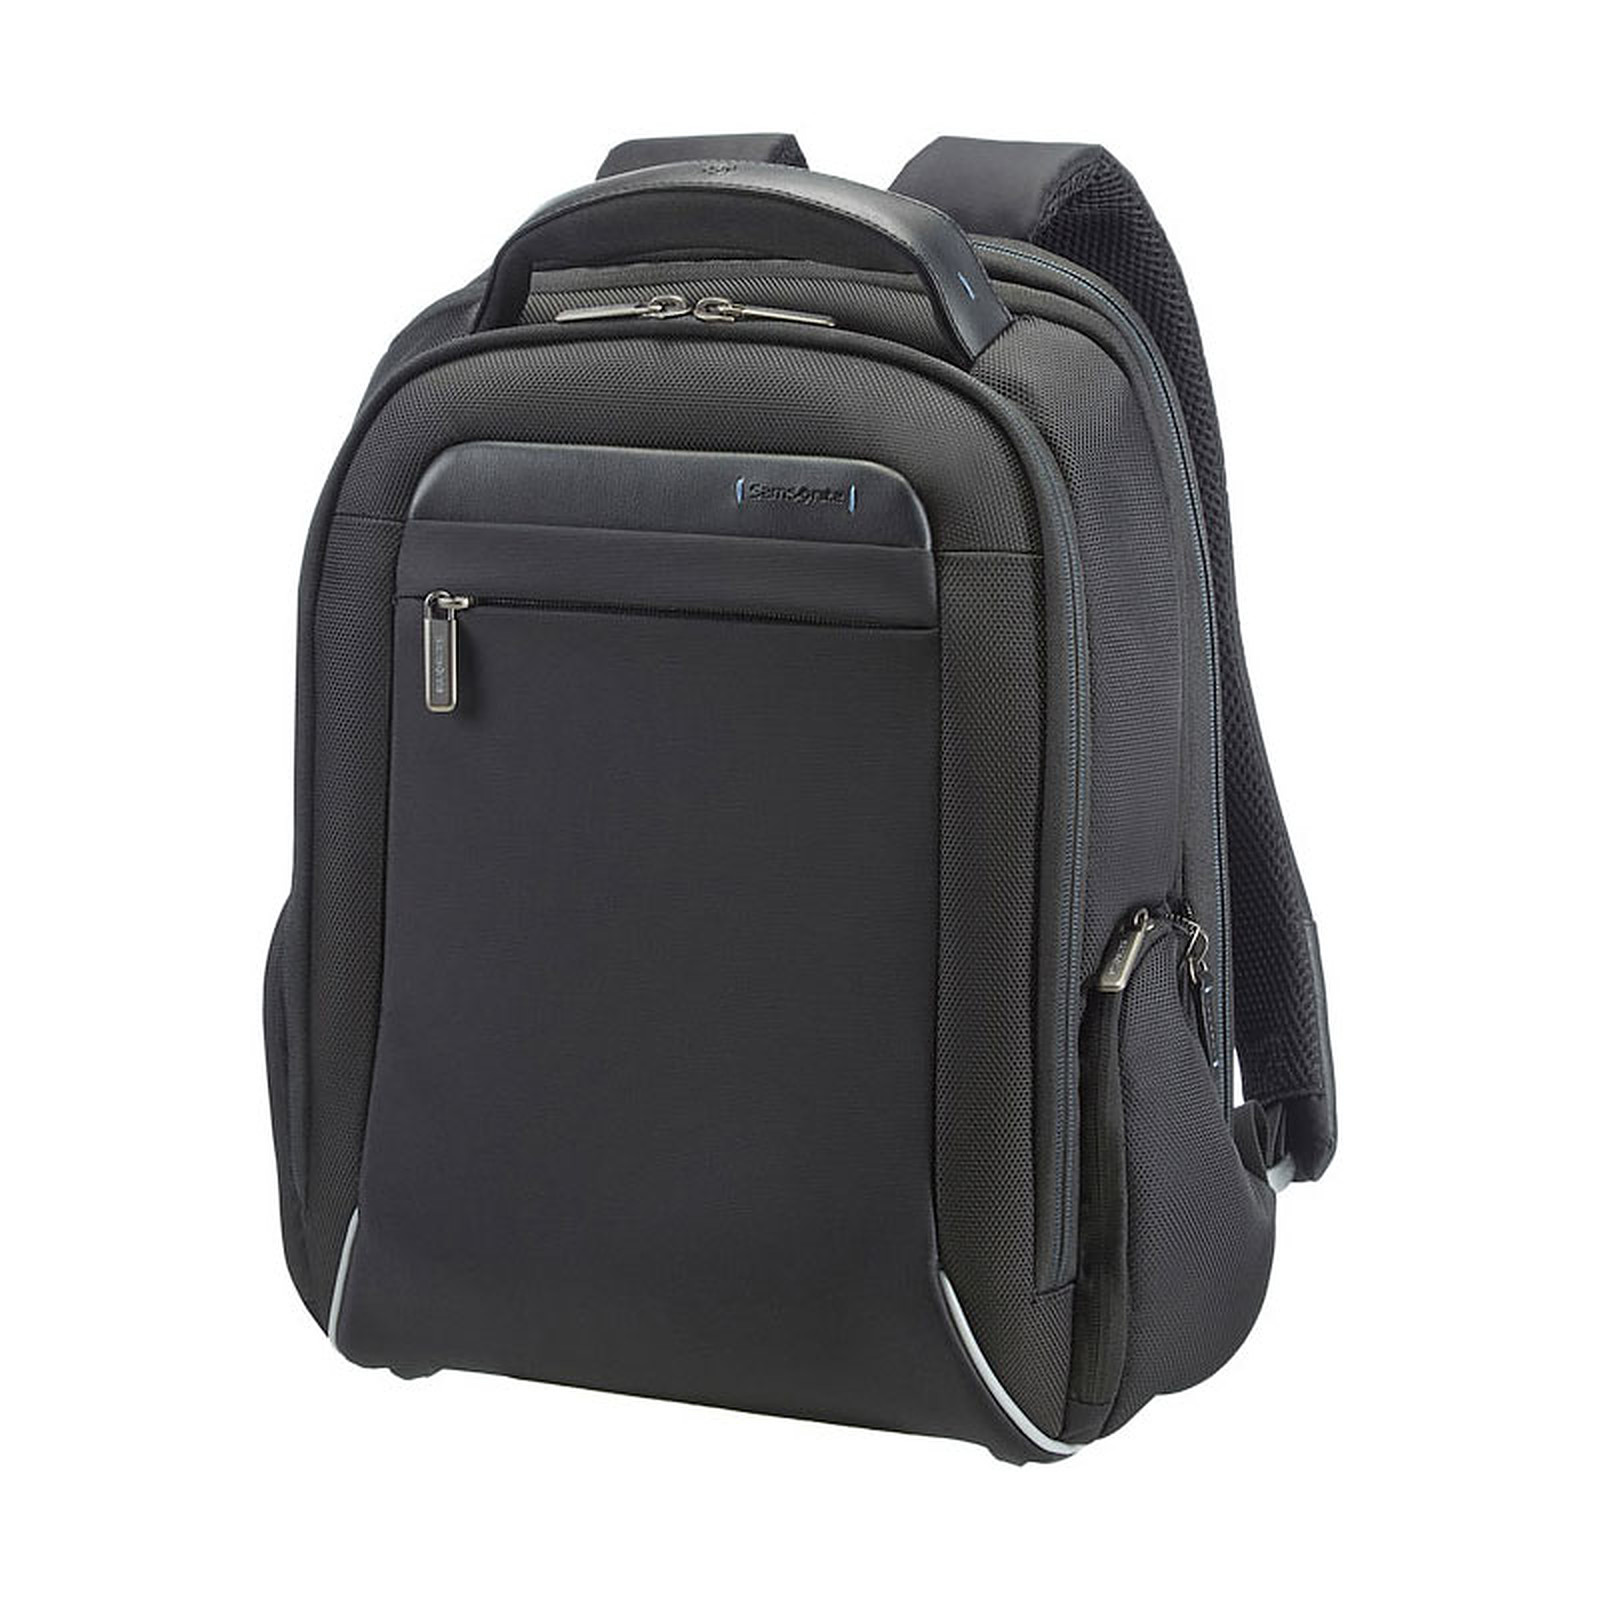 Samsonite Spectrolite Backpack 14.1'' (coloris noir)